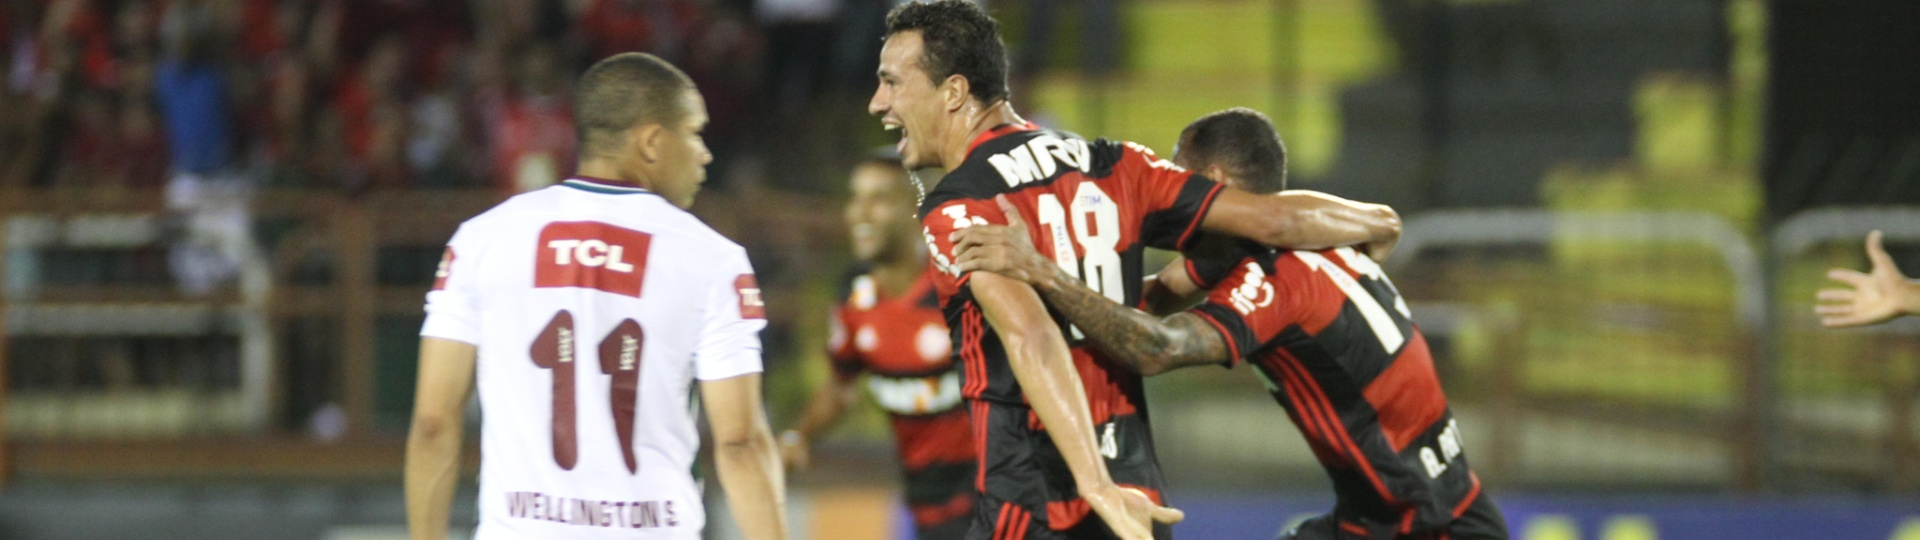 Leandro Damião comemora gol do Flamengo diante do Fluminense em Volta Redonda